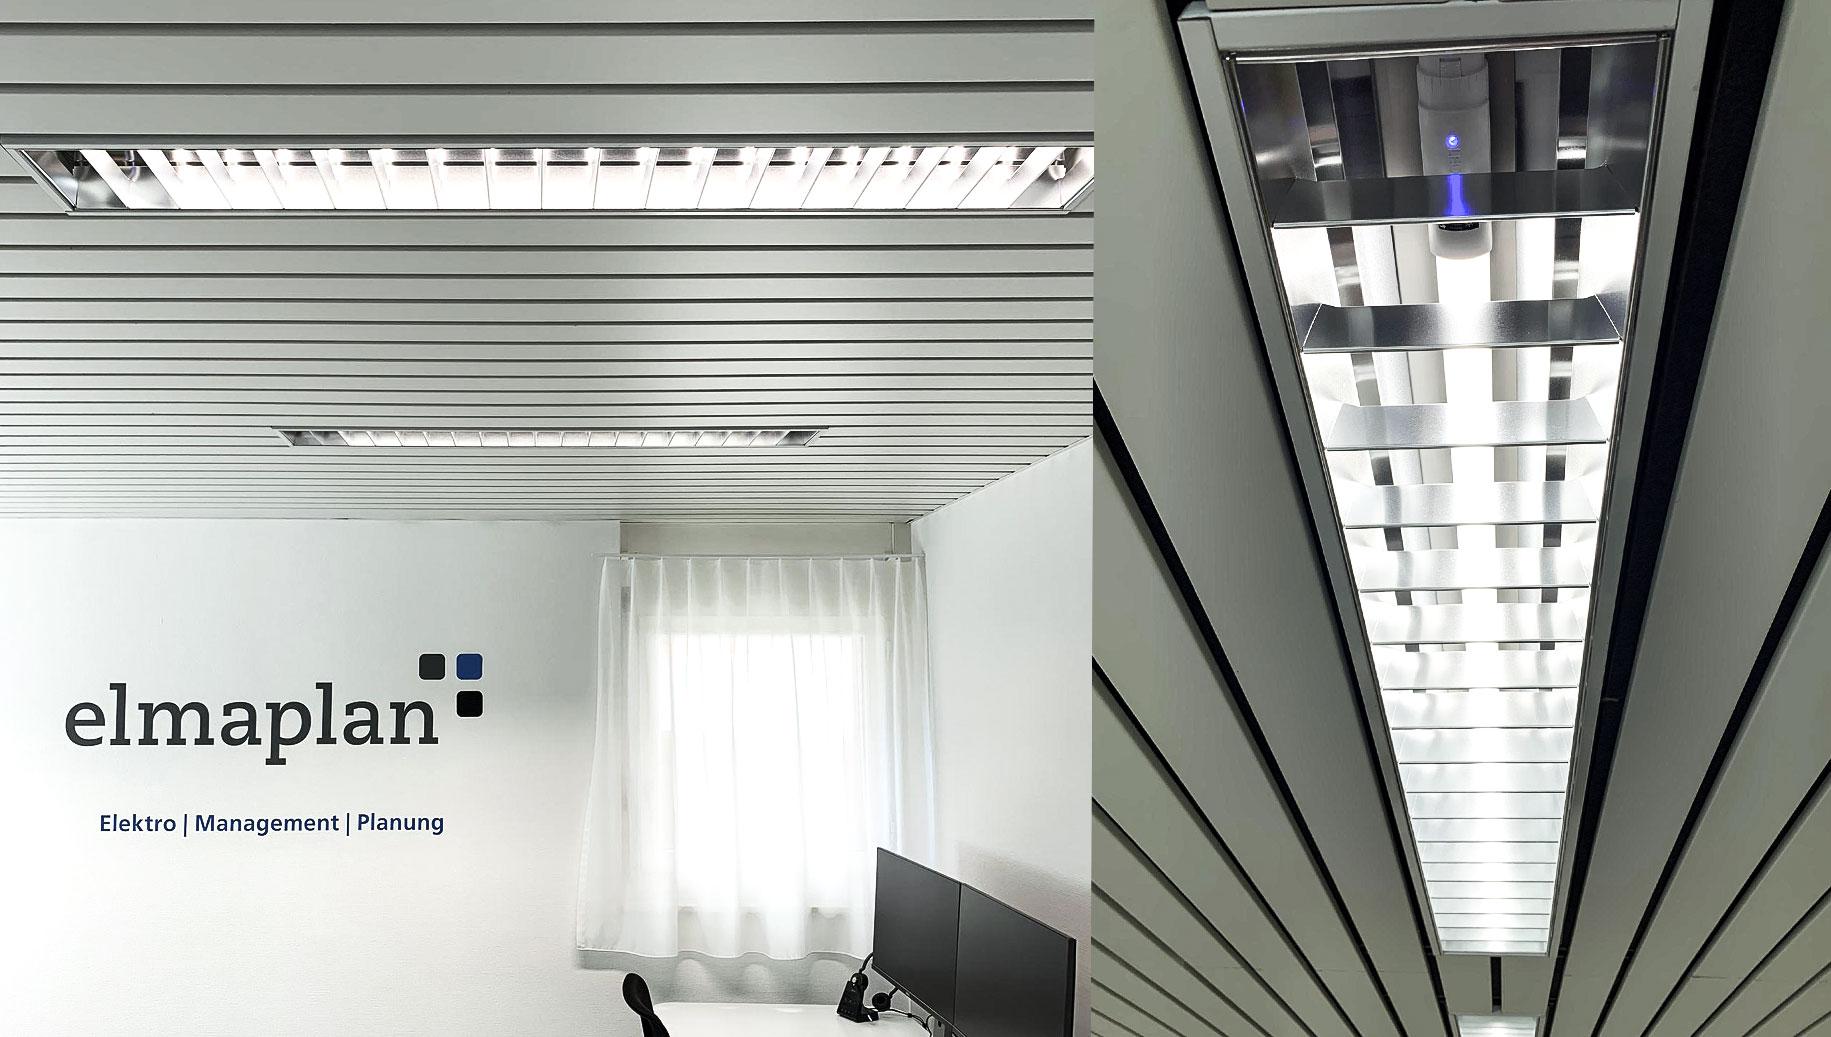 Weniger Energieverbrauch Dank Intelligentem Beleuchtungssystem, Elmaplan AG